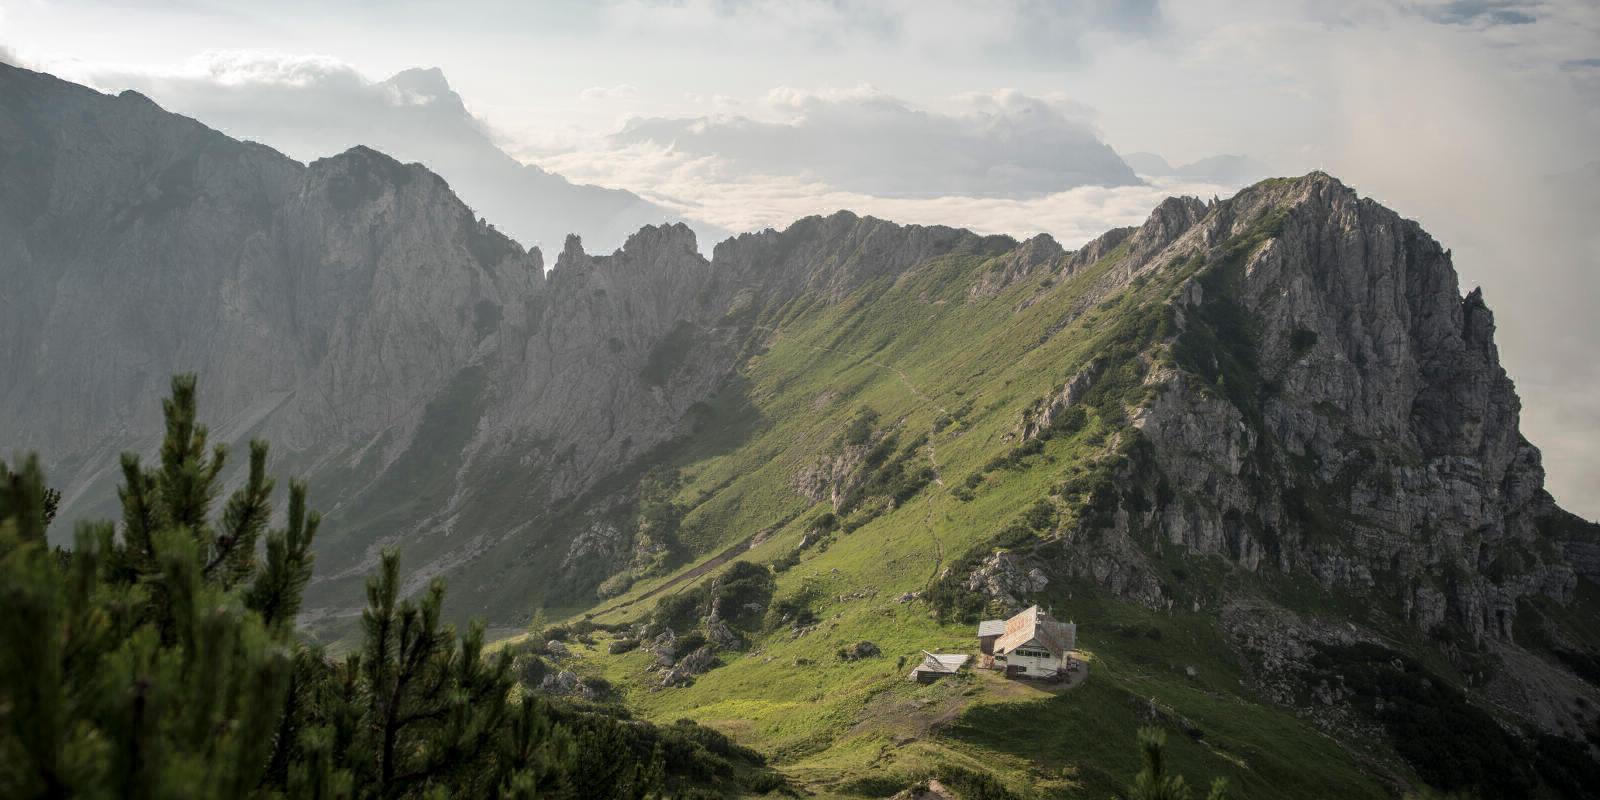 Stage 05: Haindlkarhütte - Admonter Haus